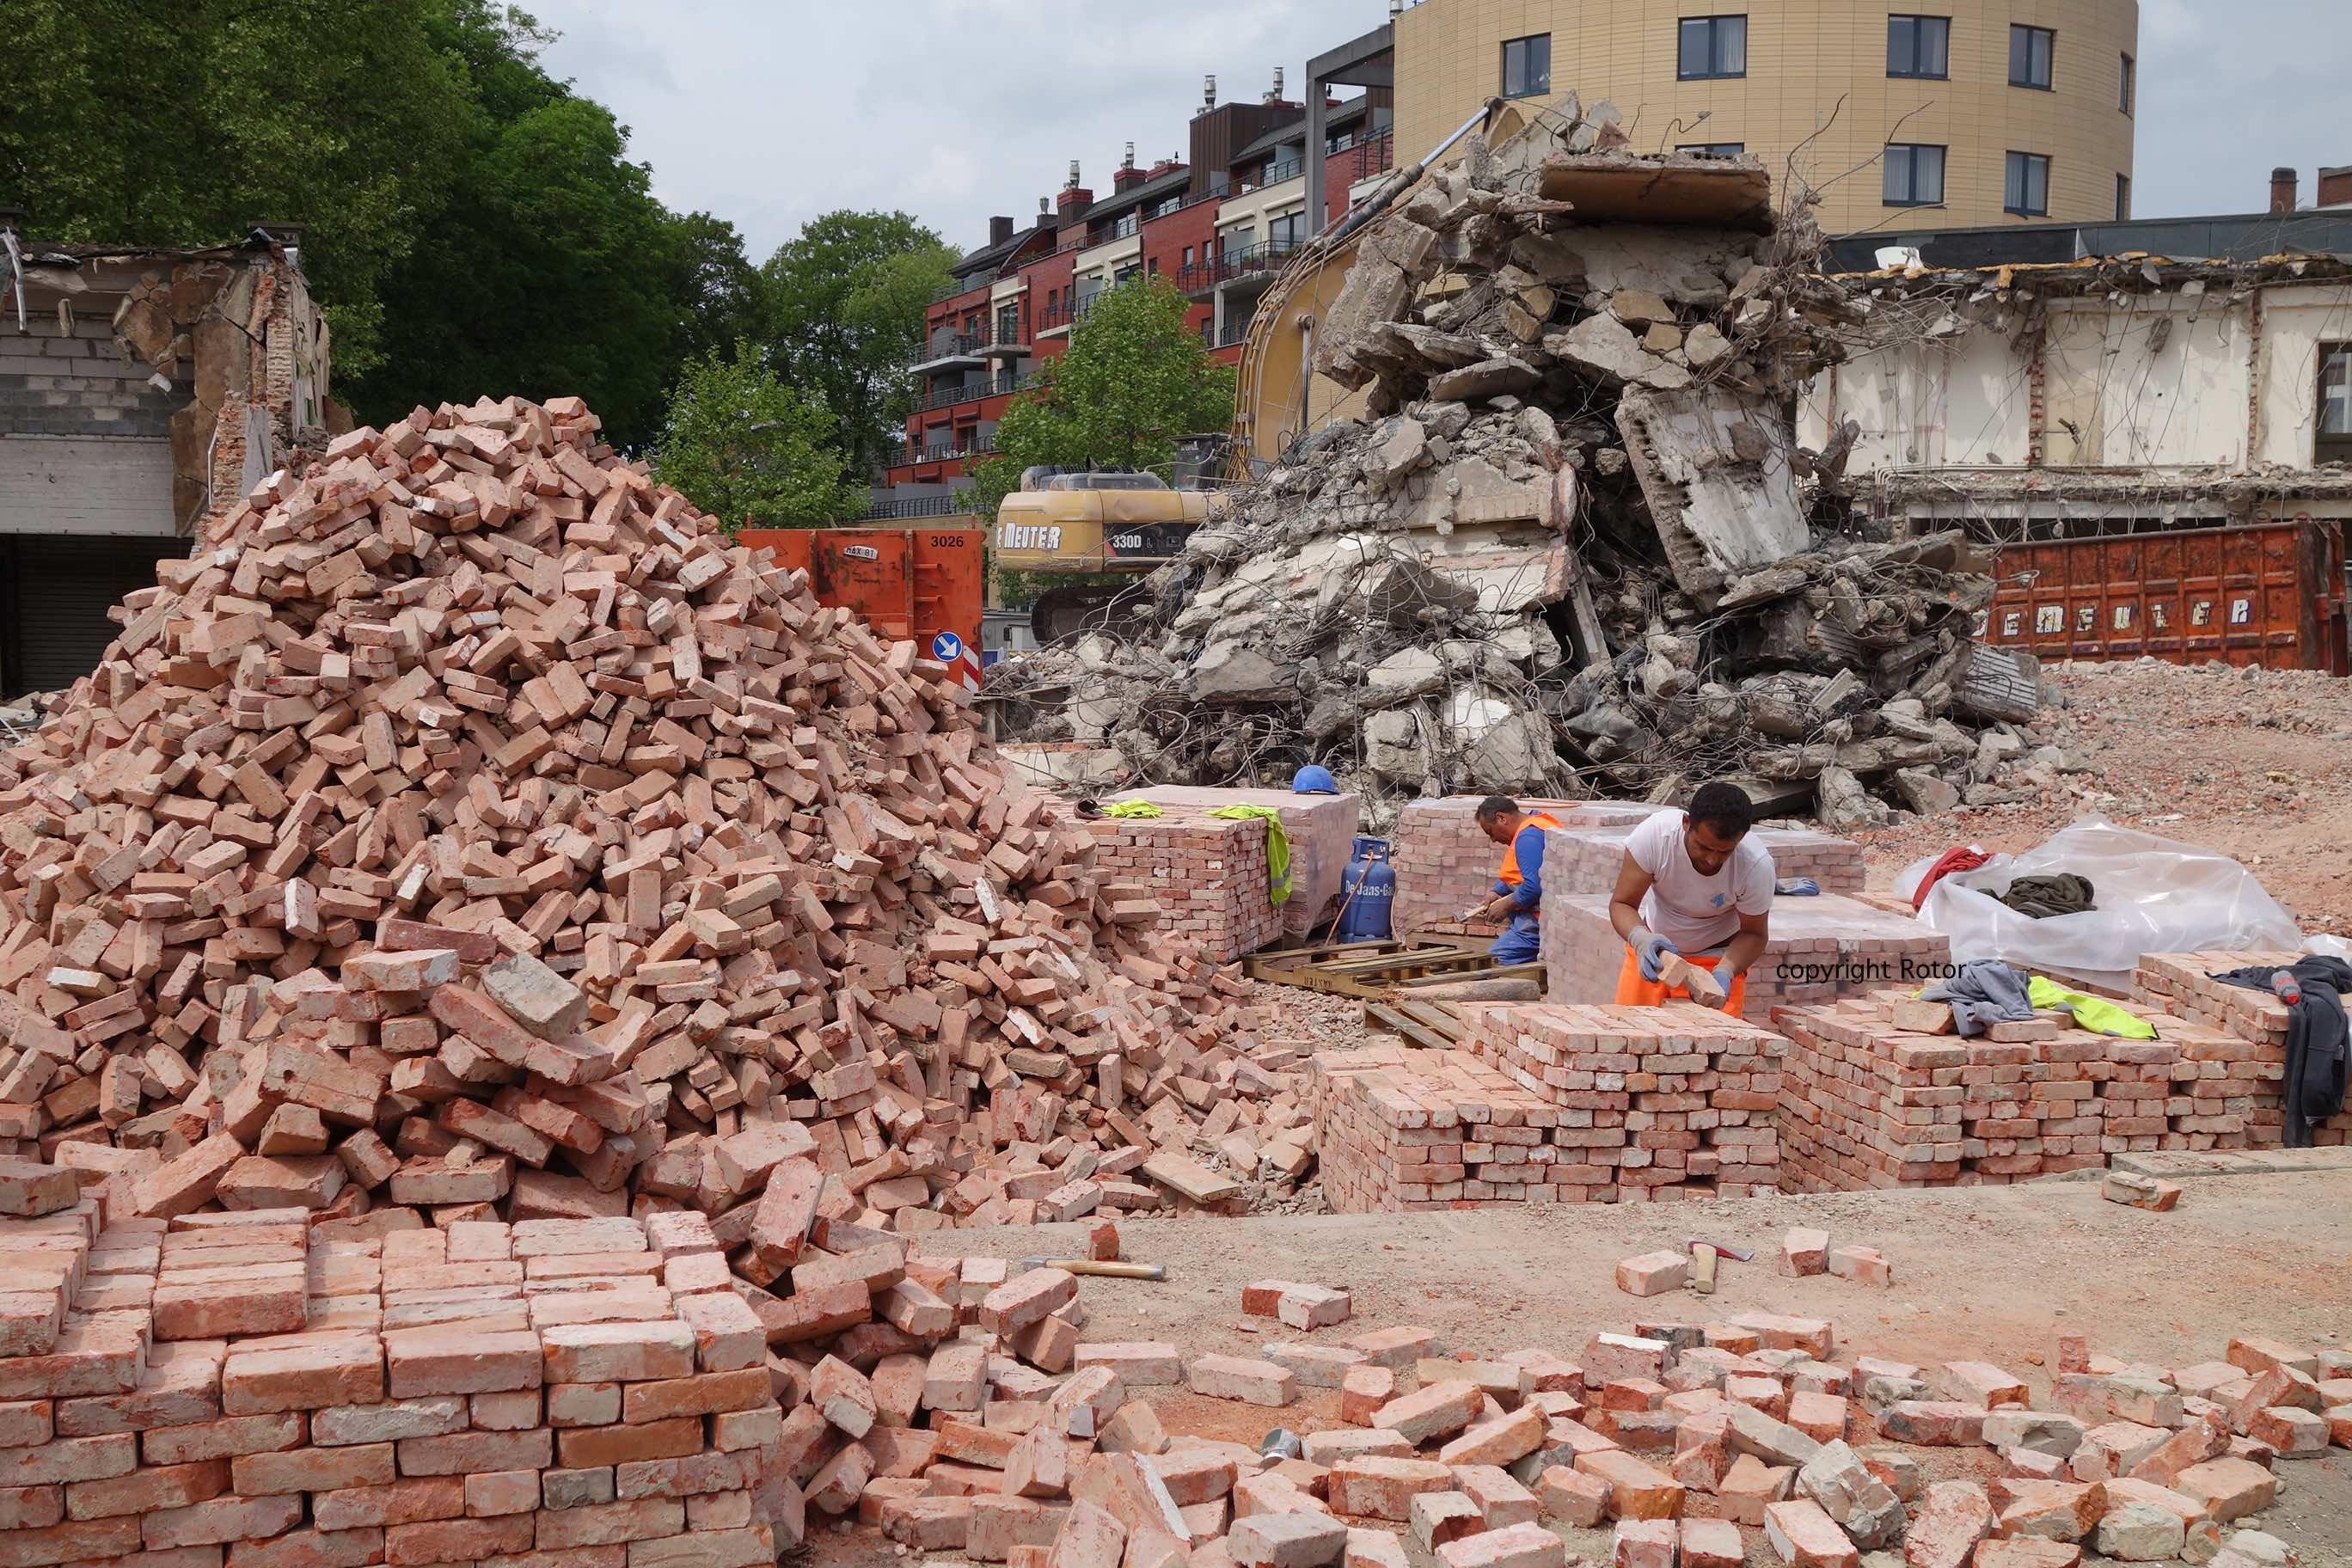 Réemploi d'éléments de construction : sera-t-il bientôt la norme en Europe ?